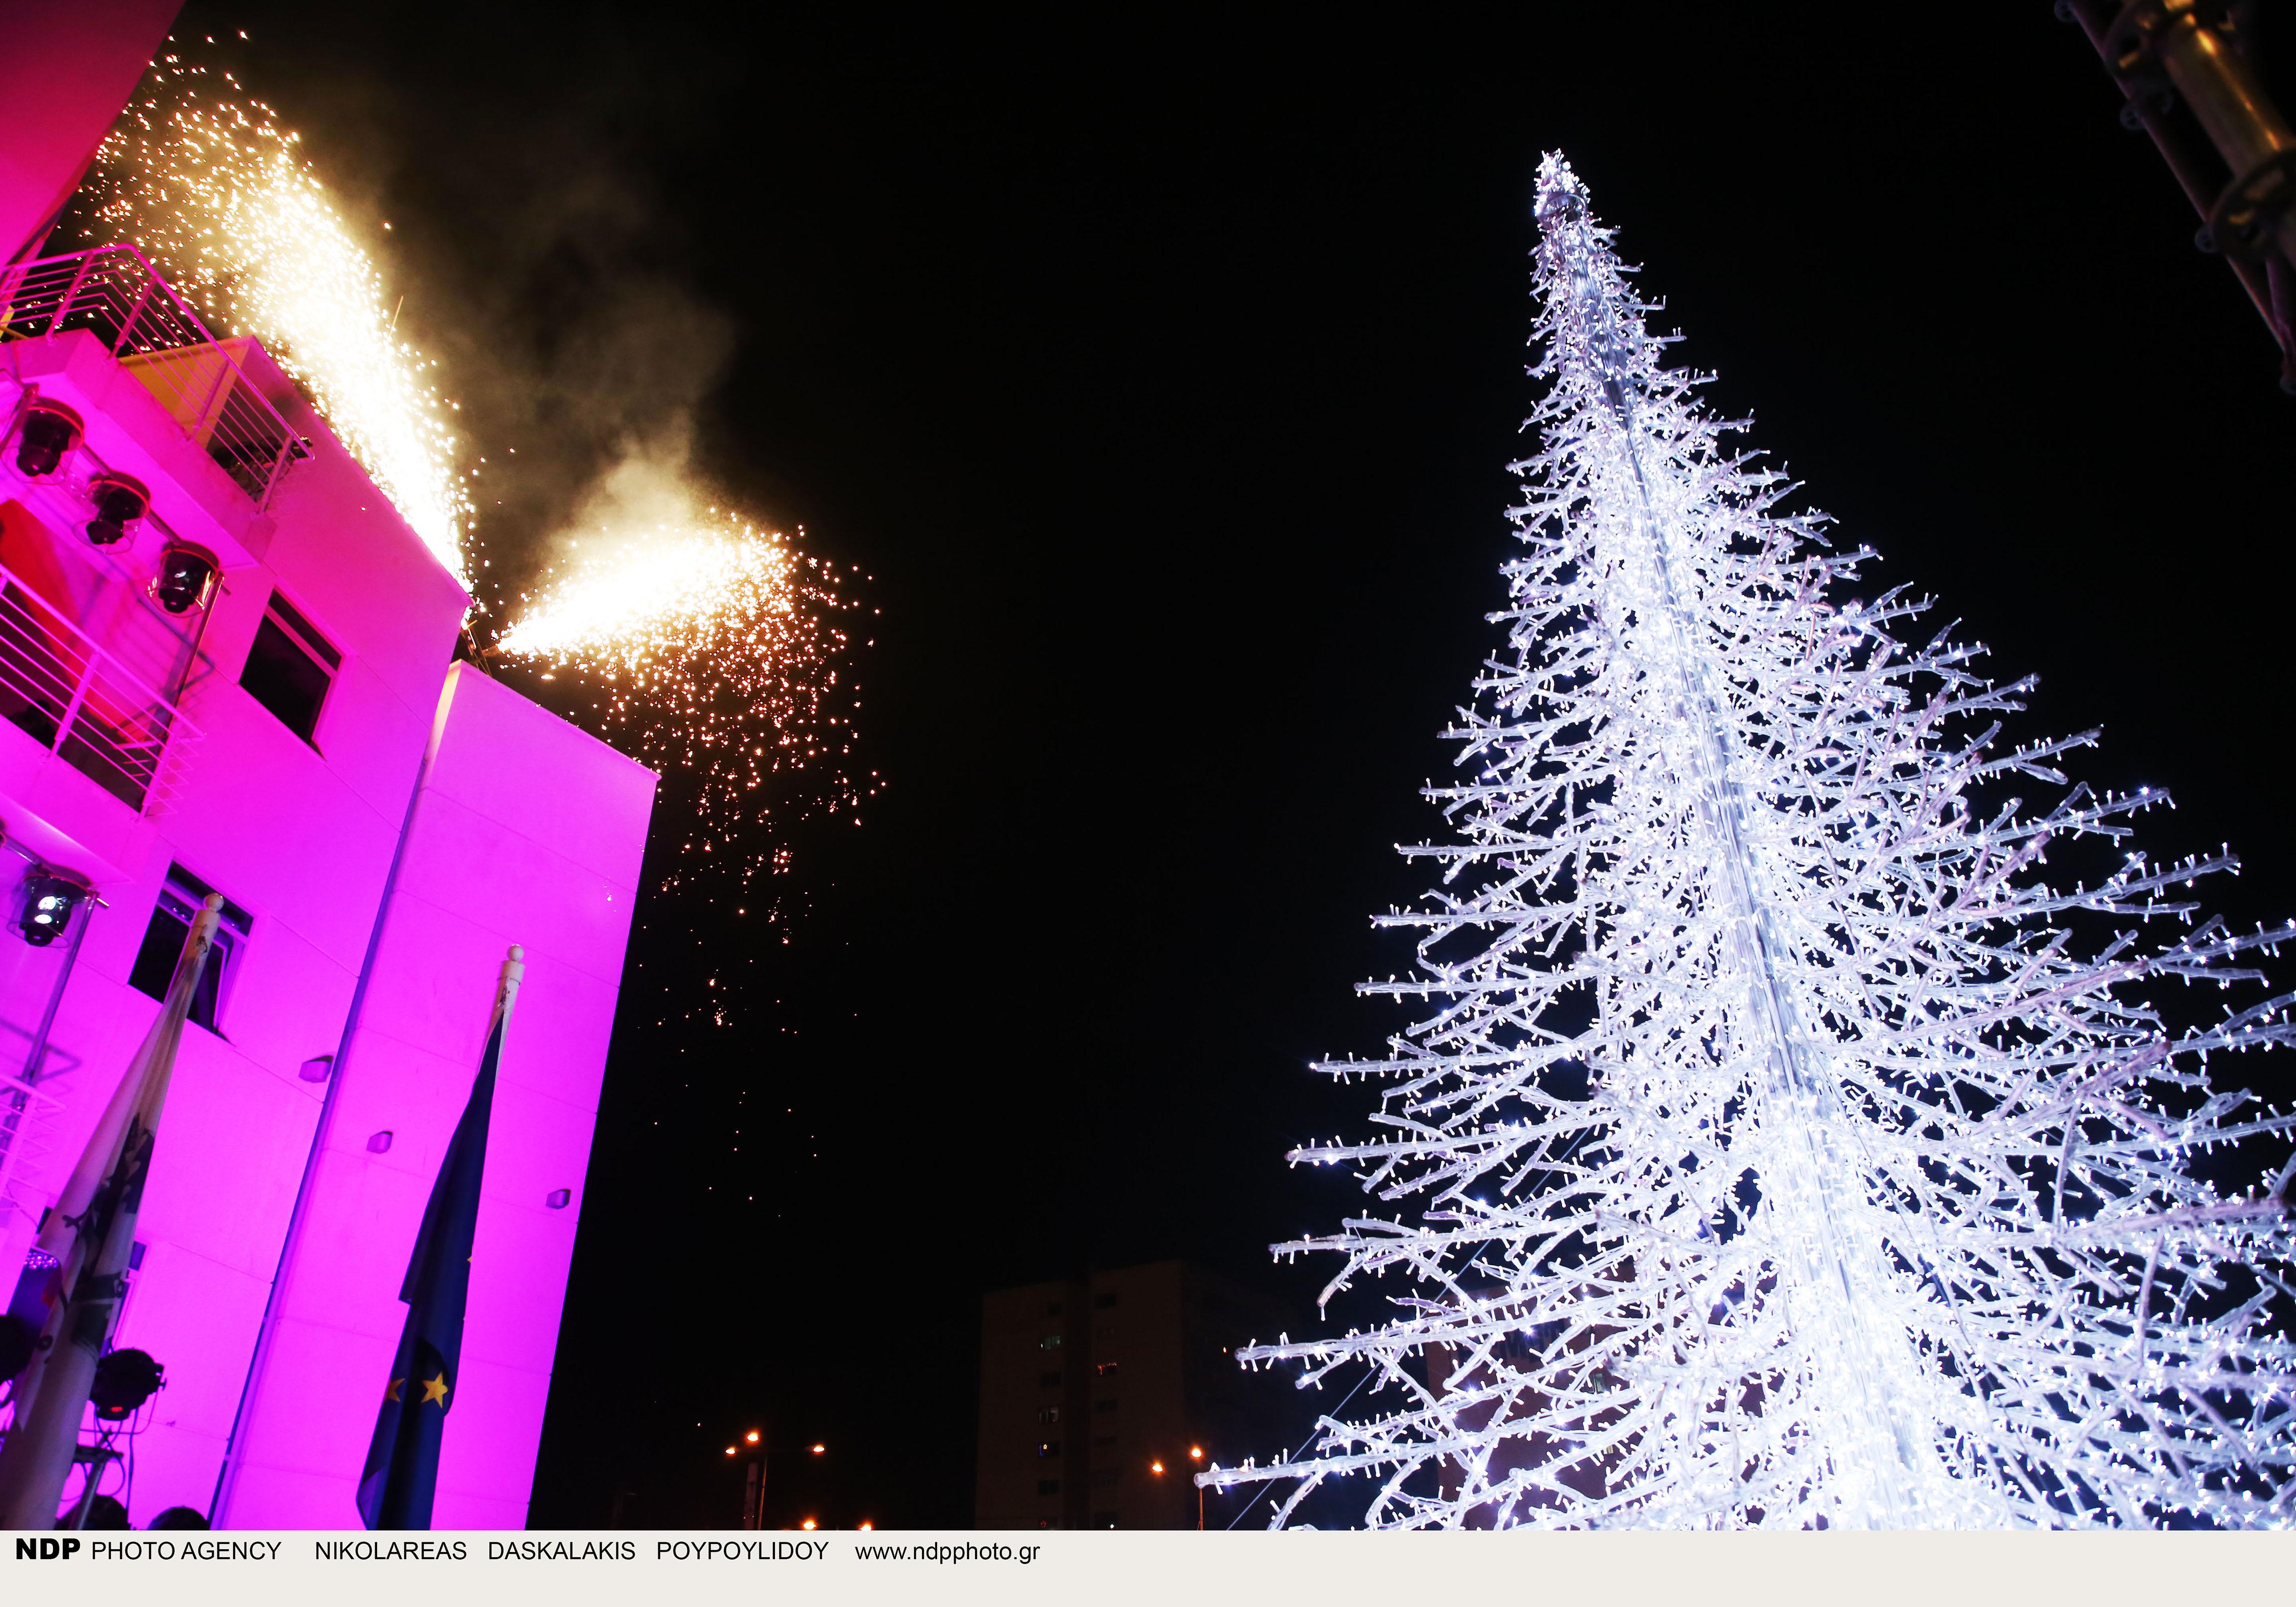 Η φωταγώγηση του Χριστουγεννιάτικου δέντρου στο Δήμο Περιστερίου ήταν κάτι παραπάνω από φαντασμαγορική!!!